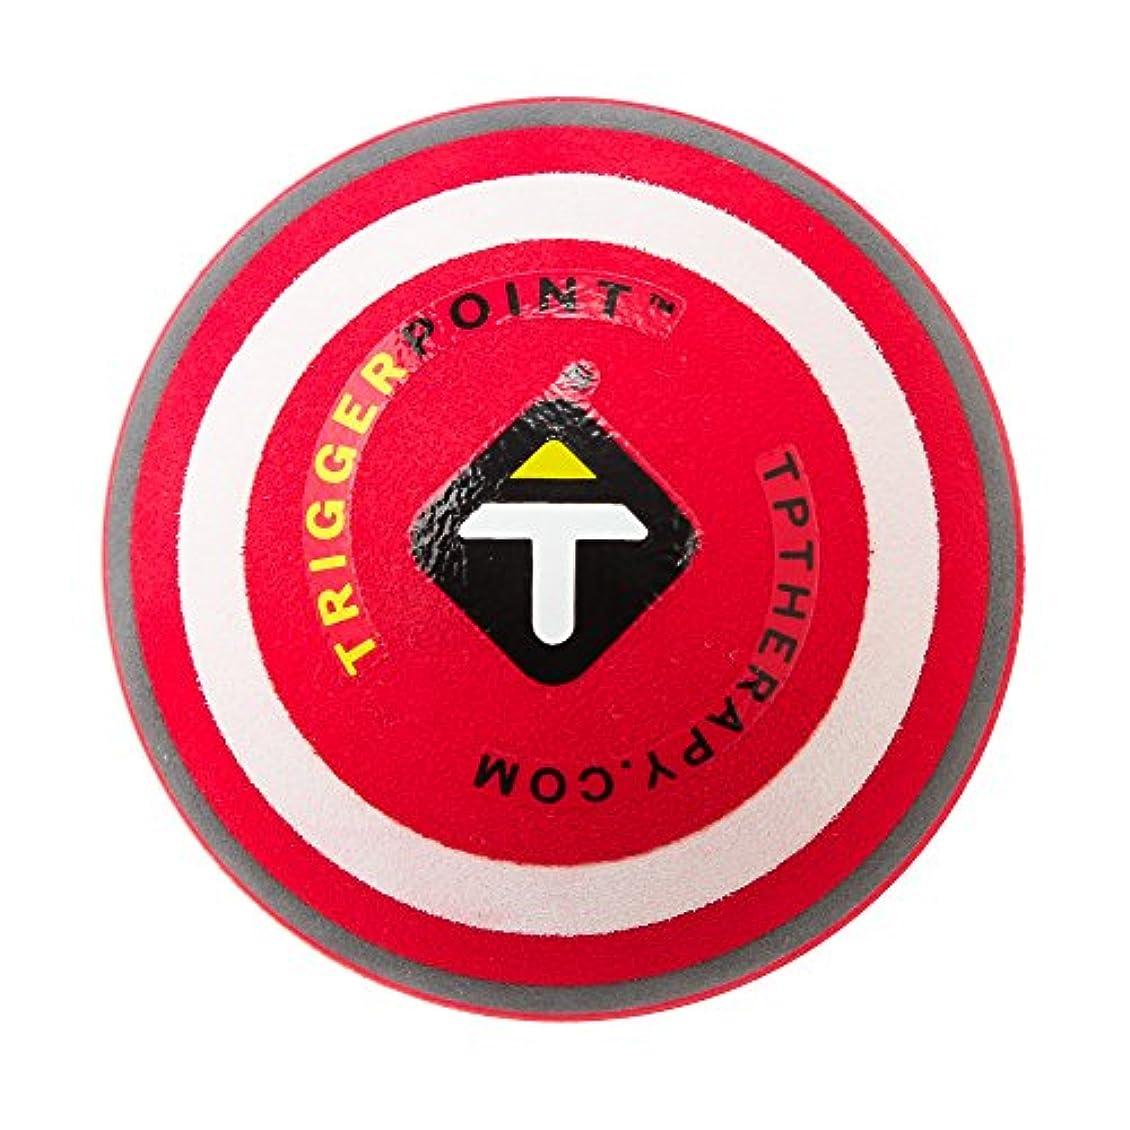 便宜チートチューブトリガーポイント MBX マッサージボール trigger point [並行輸入品]